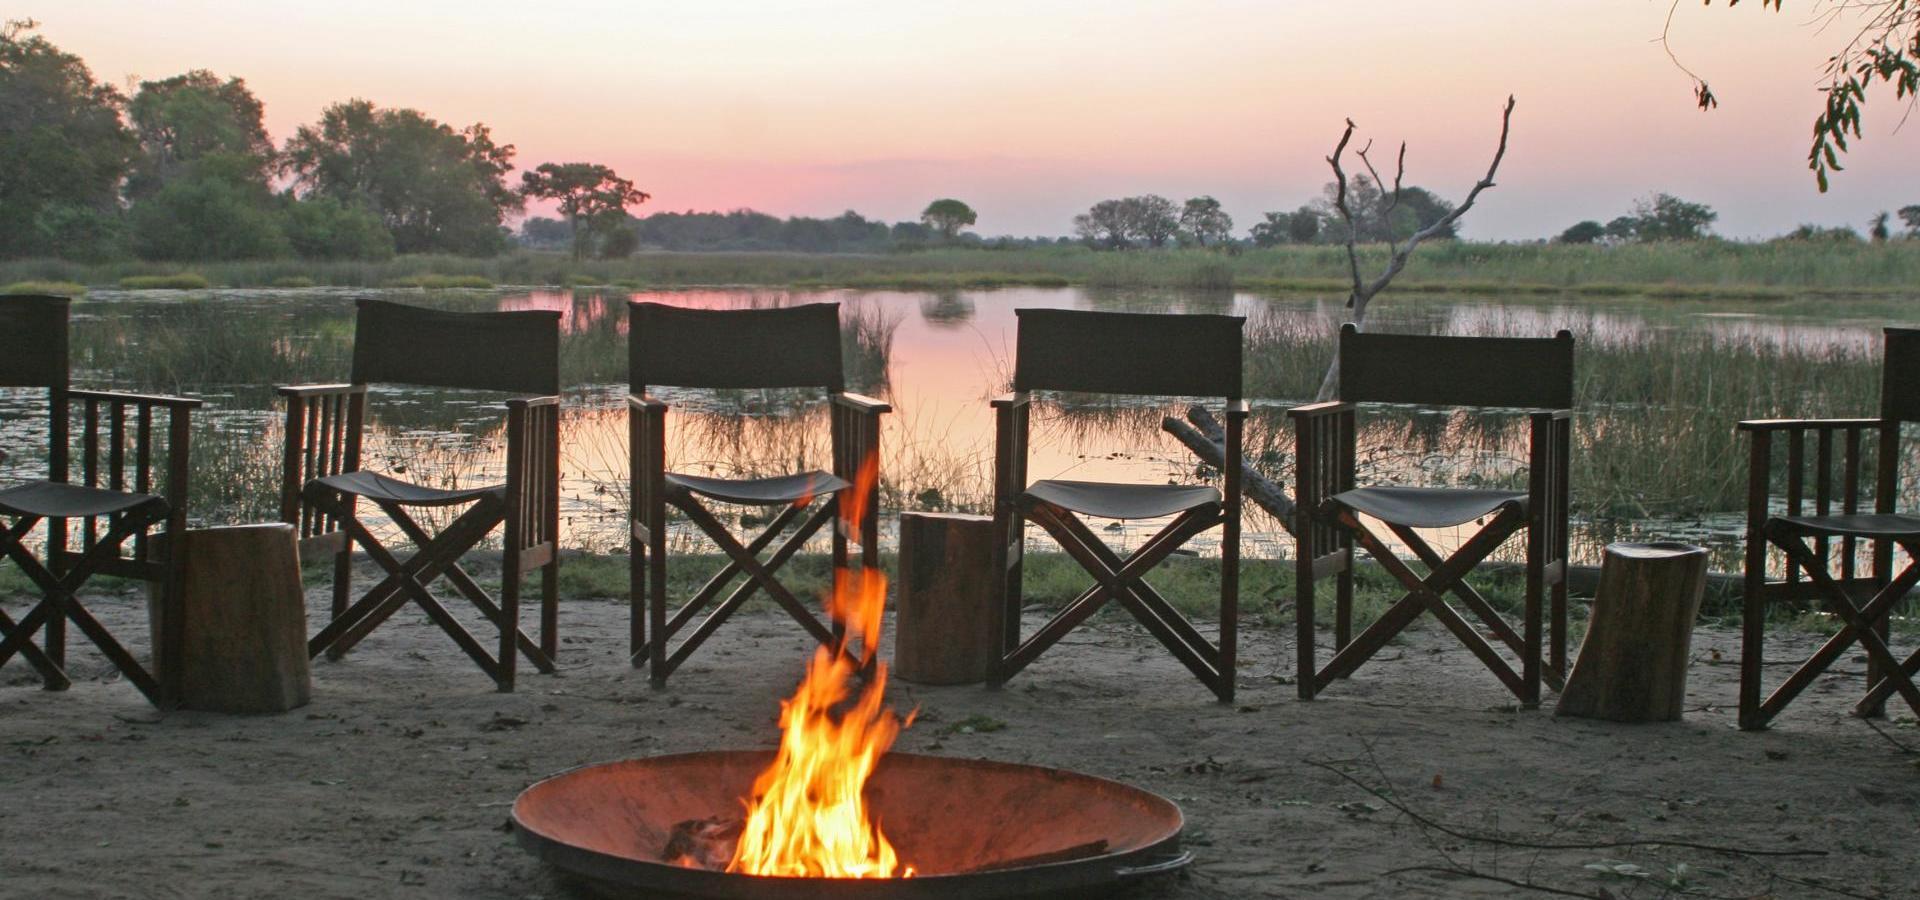 Campfeuer Okavango Delta